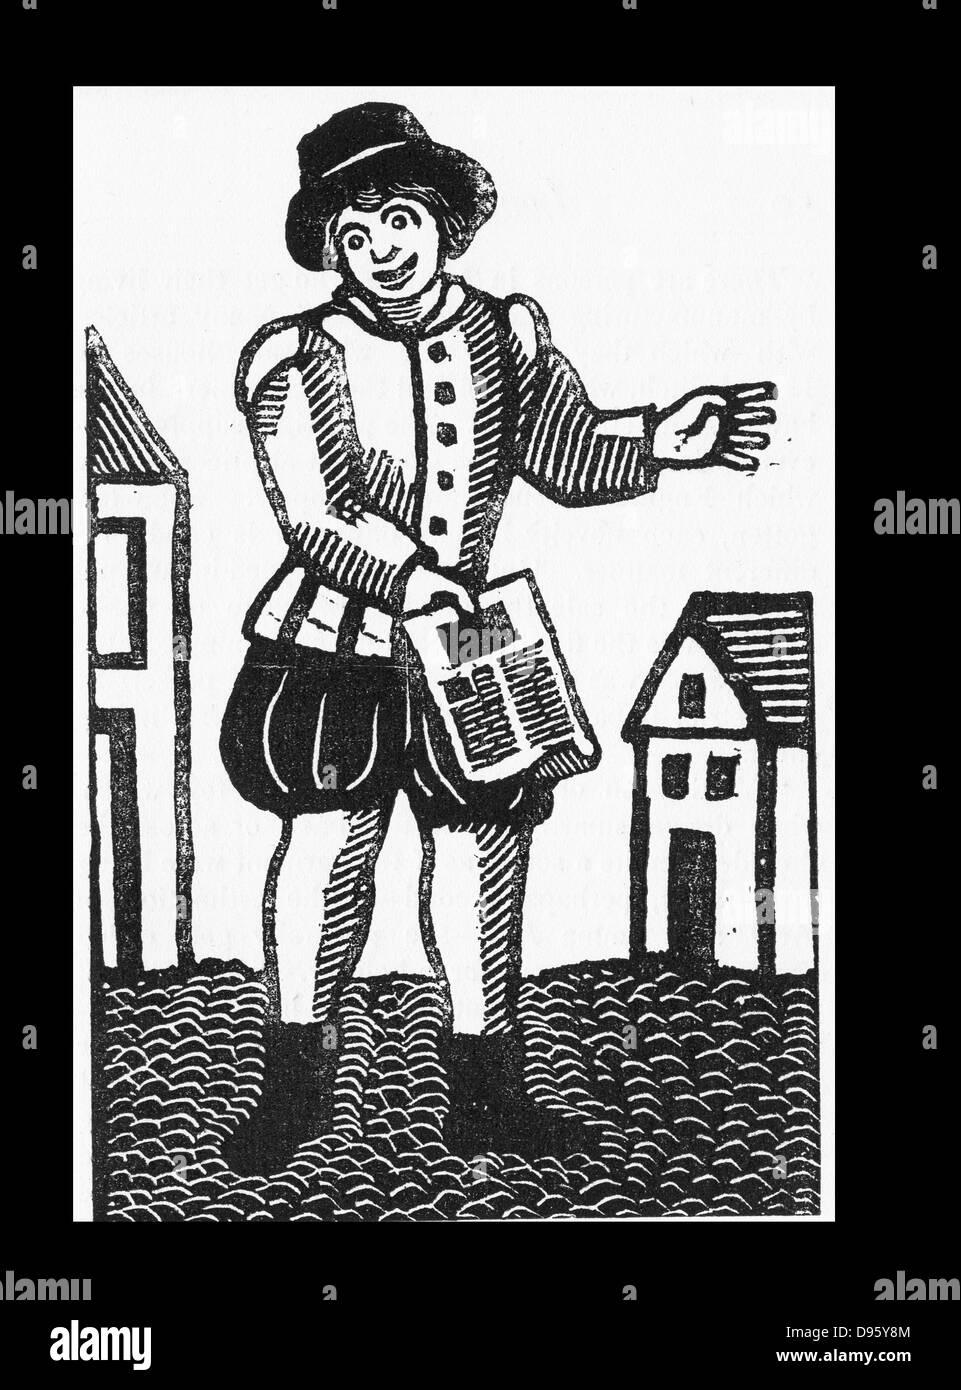 Peddler vendita ballate stampato in strada. Xvii secolo Londra. Immagini Stock